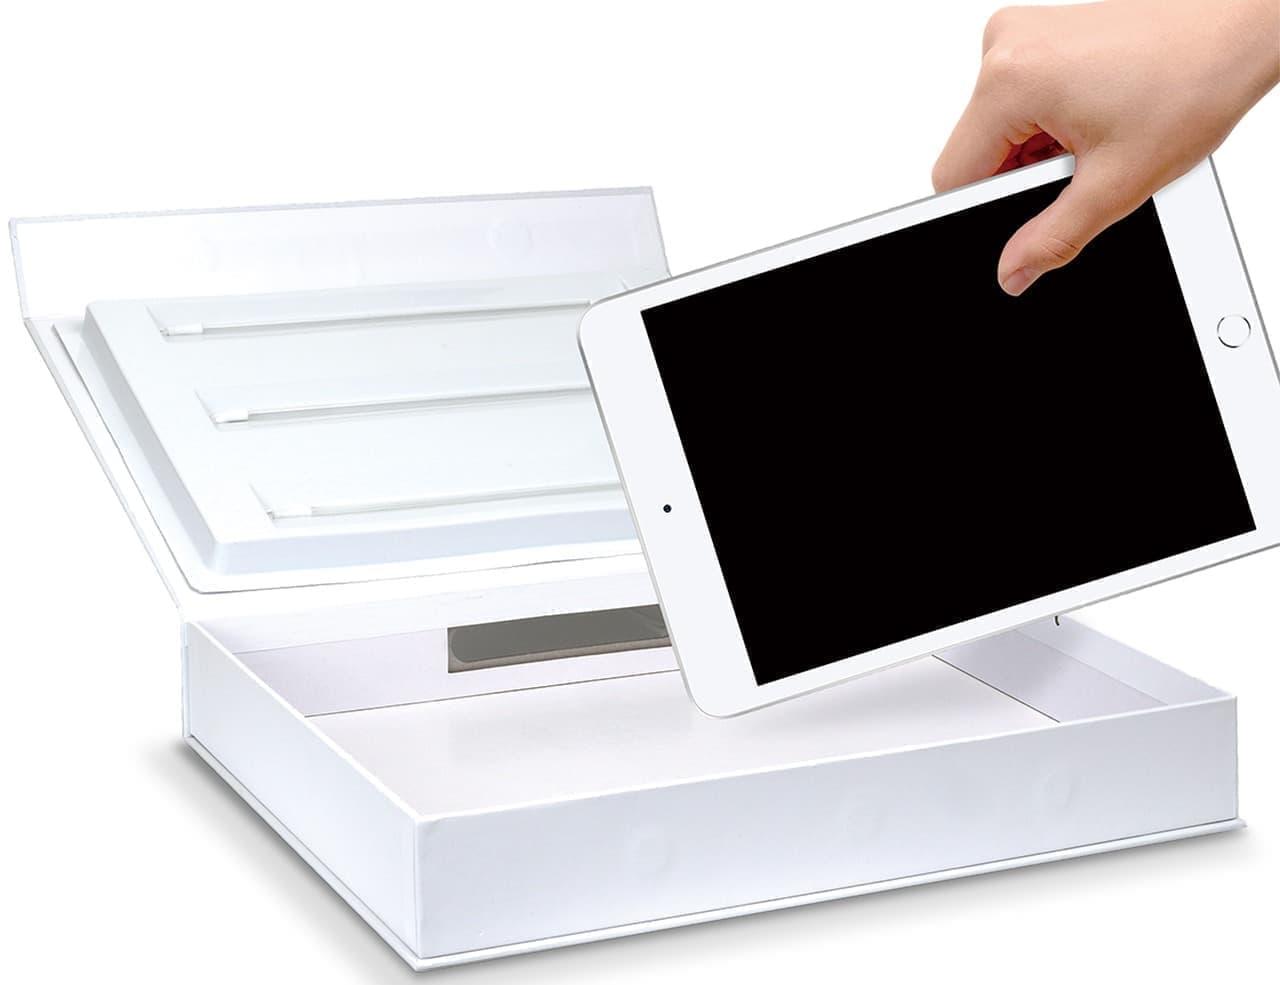 共有されることの多いタブレットPCを除菌!「紙でできたUV除菌タブレットBOX」予約販売開始